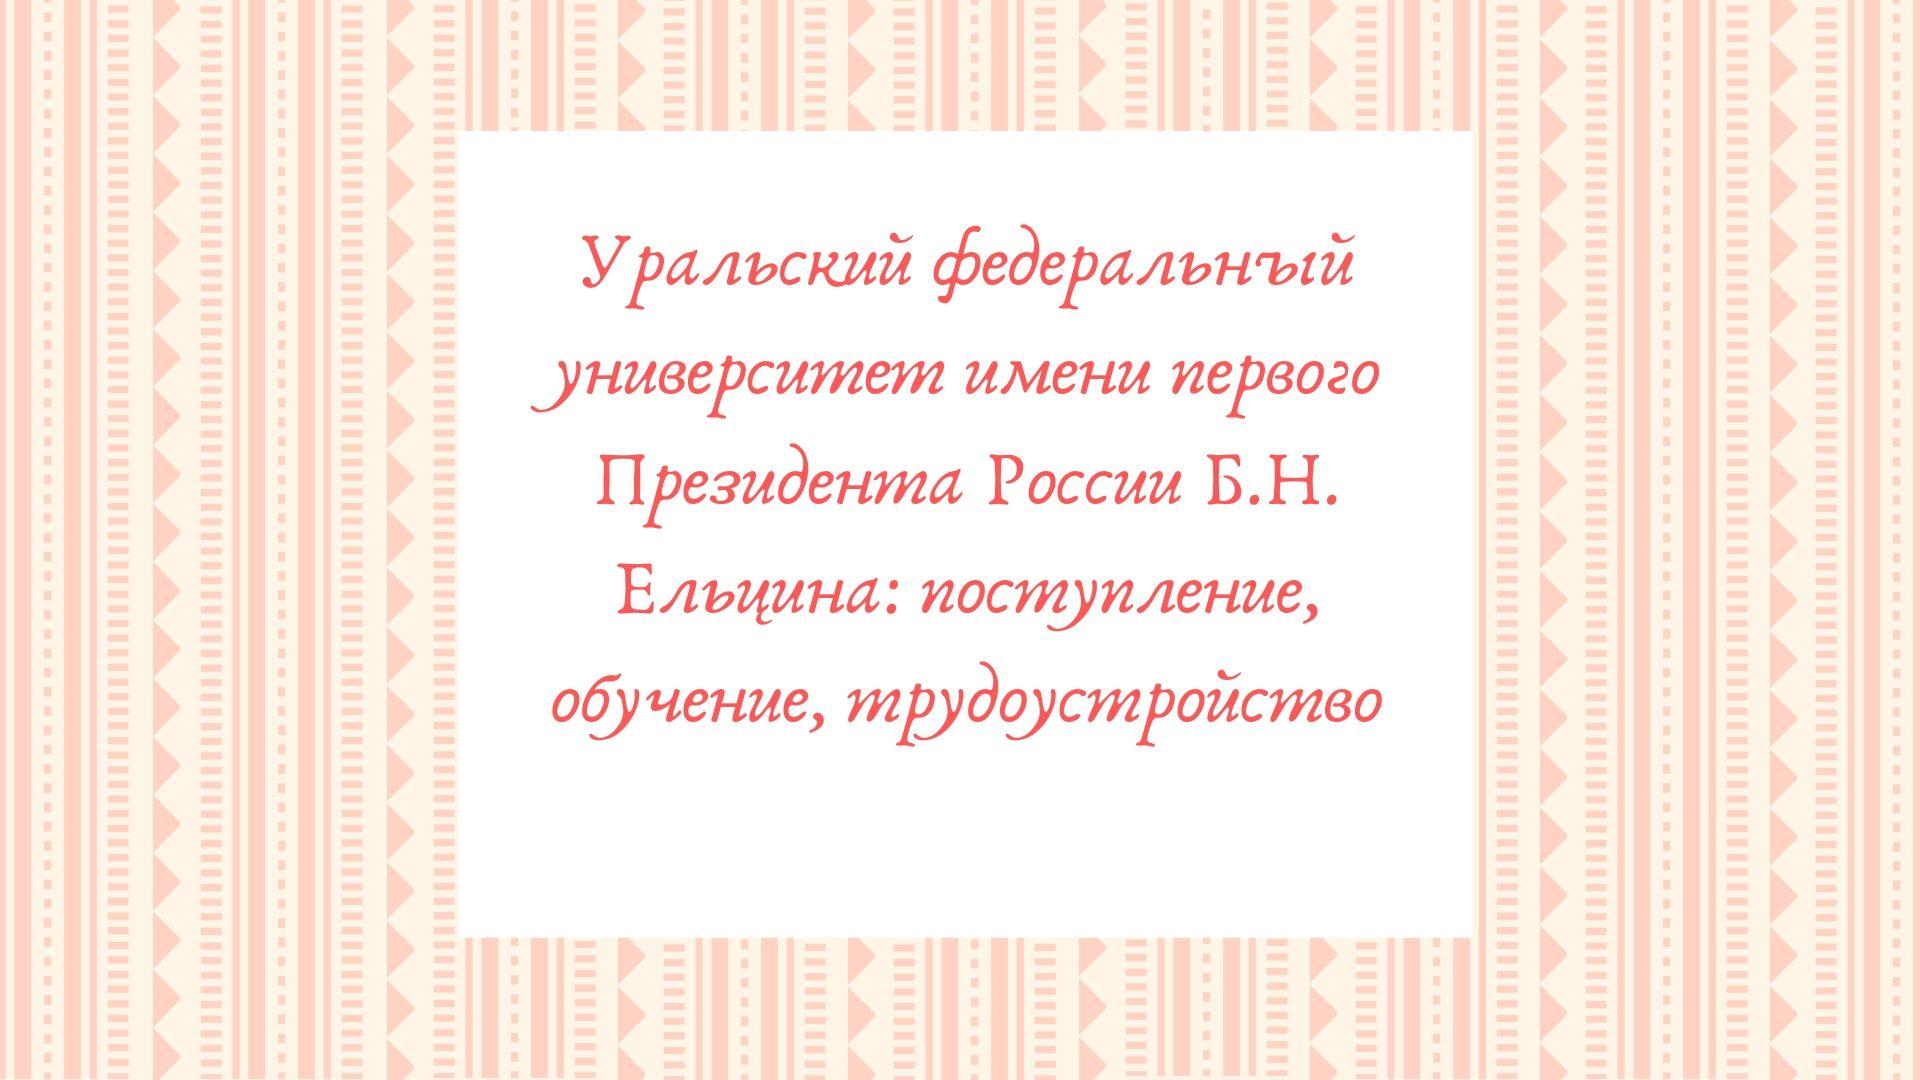 Уральский федеральный университет имени первого Президента России Б.Н. Ельцина: поступление, обучение, трудоустройство